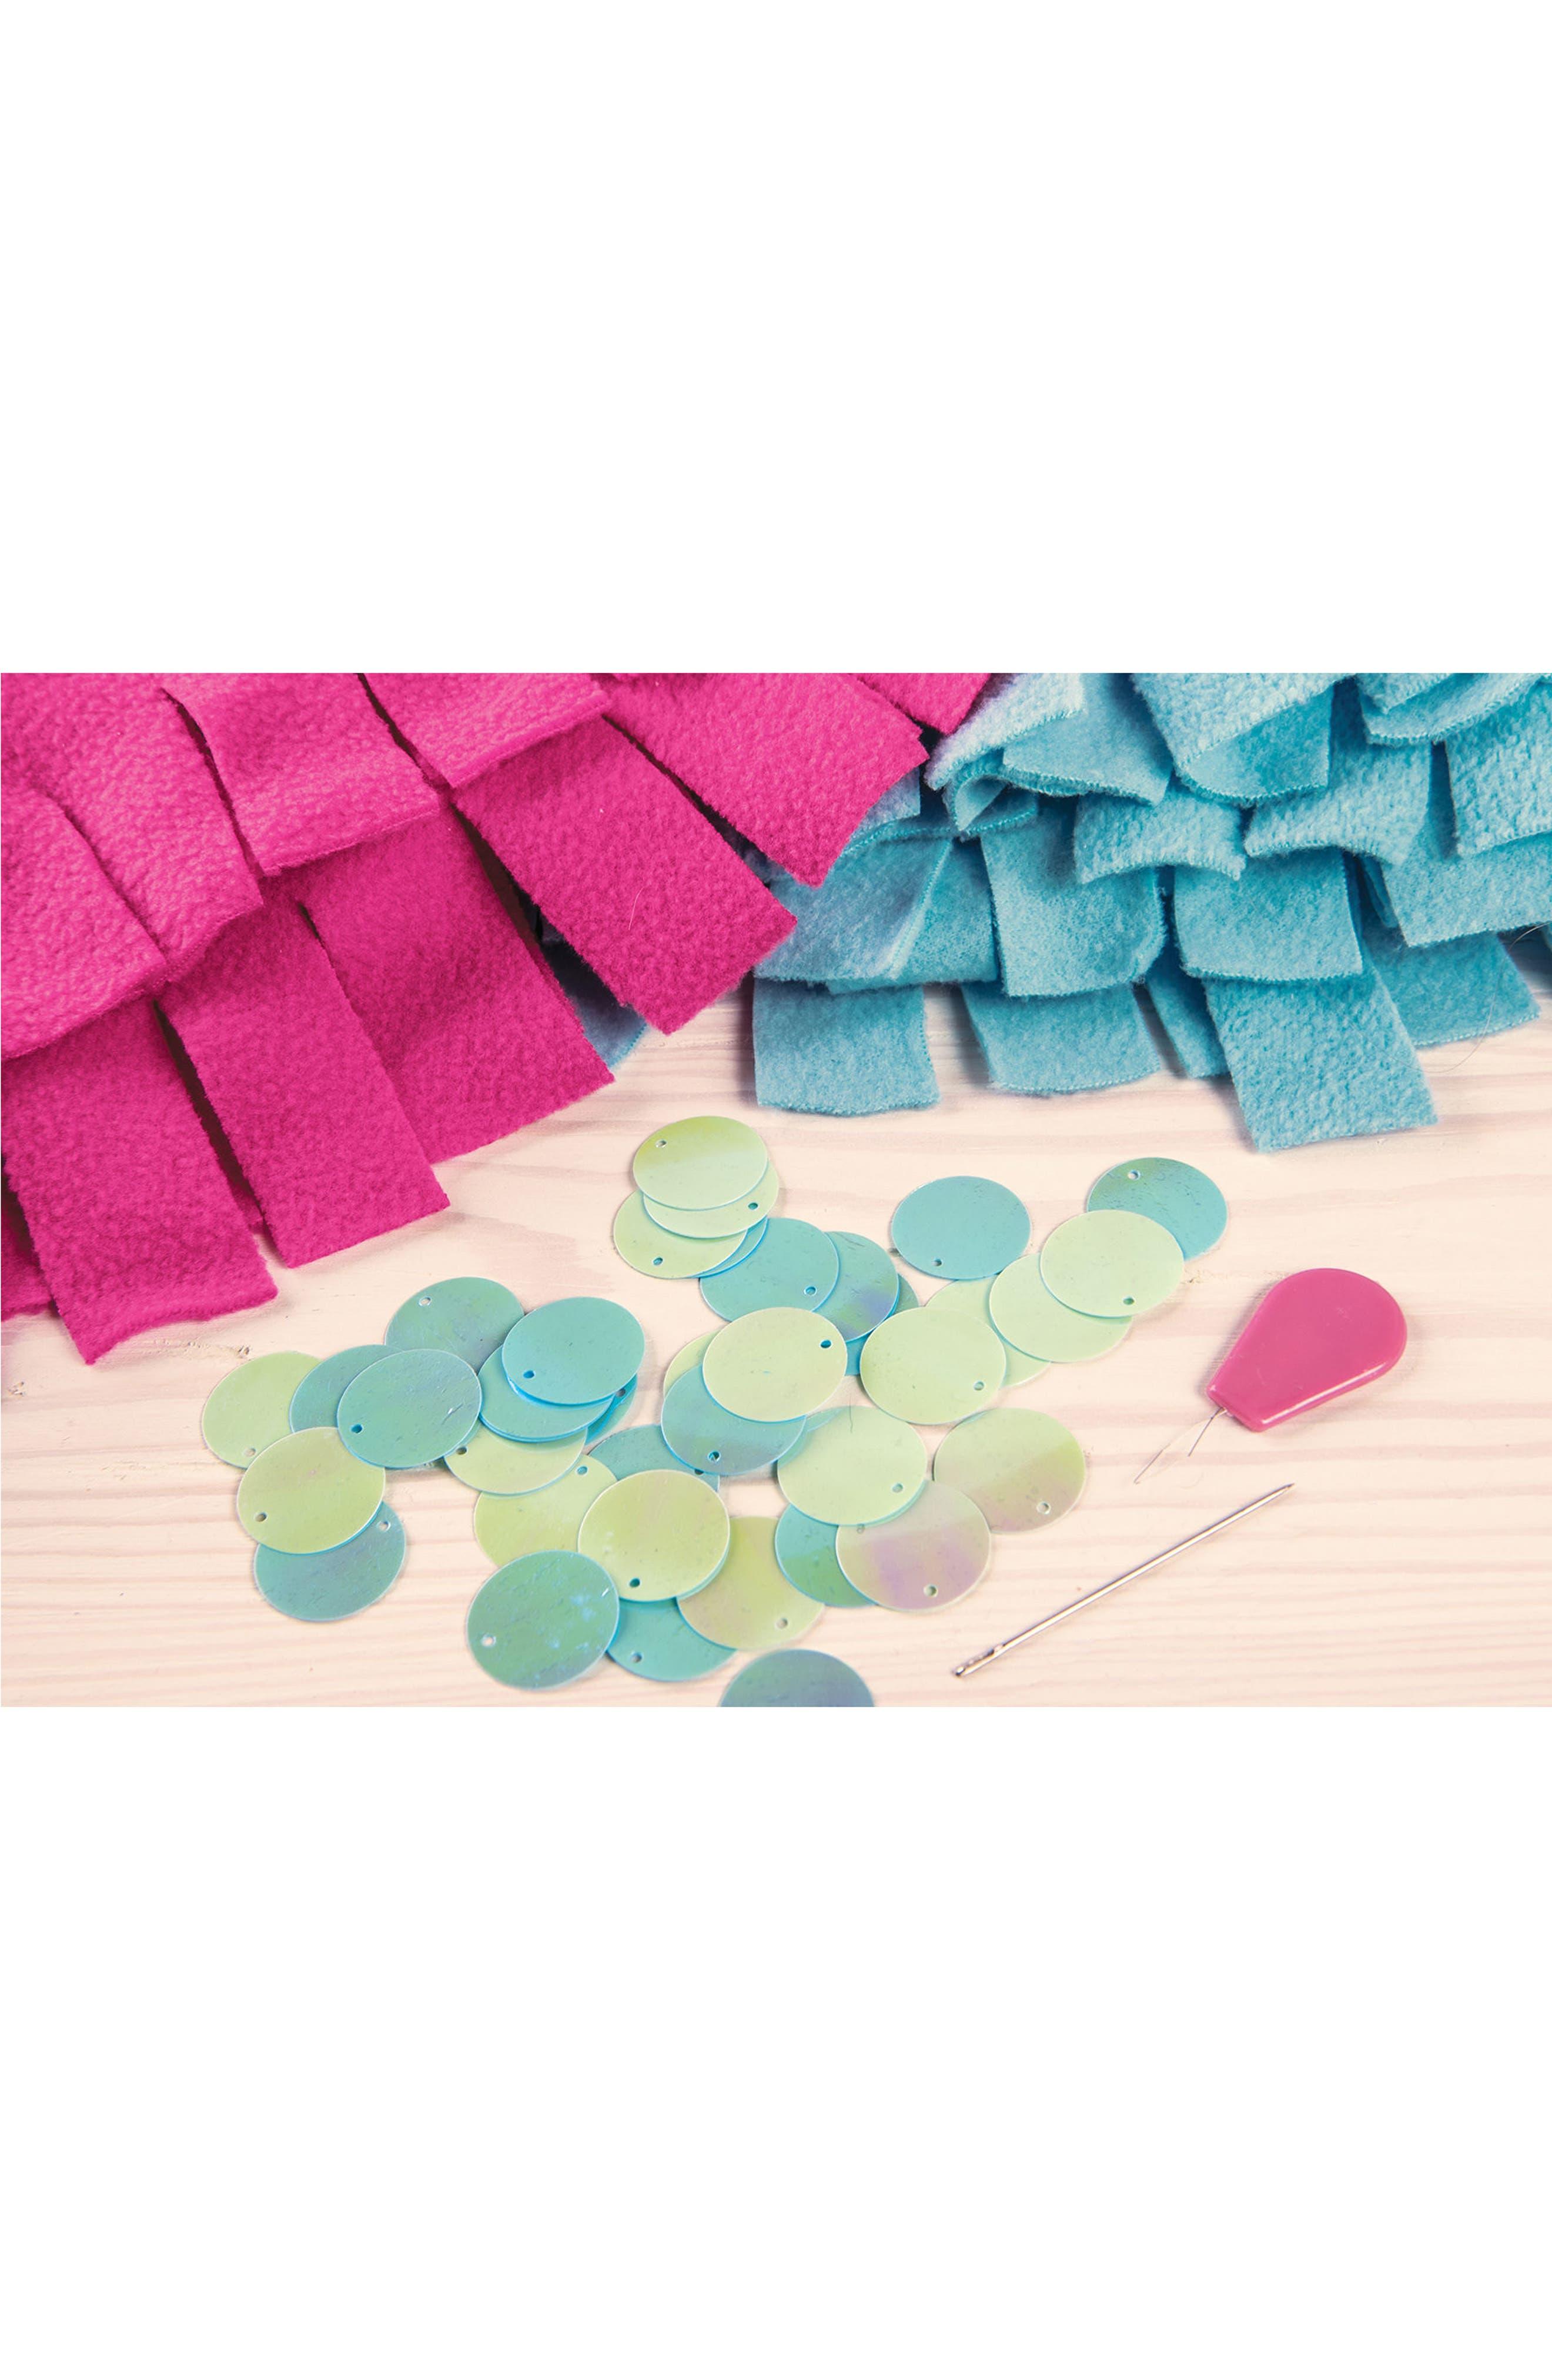 Knot & Bling Mermaid Tail Kit,                             Alternate thumbnail 3, color,                             650